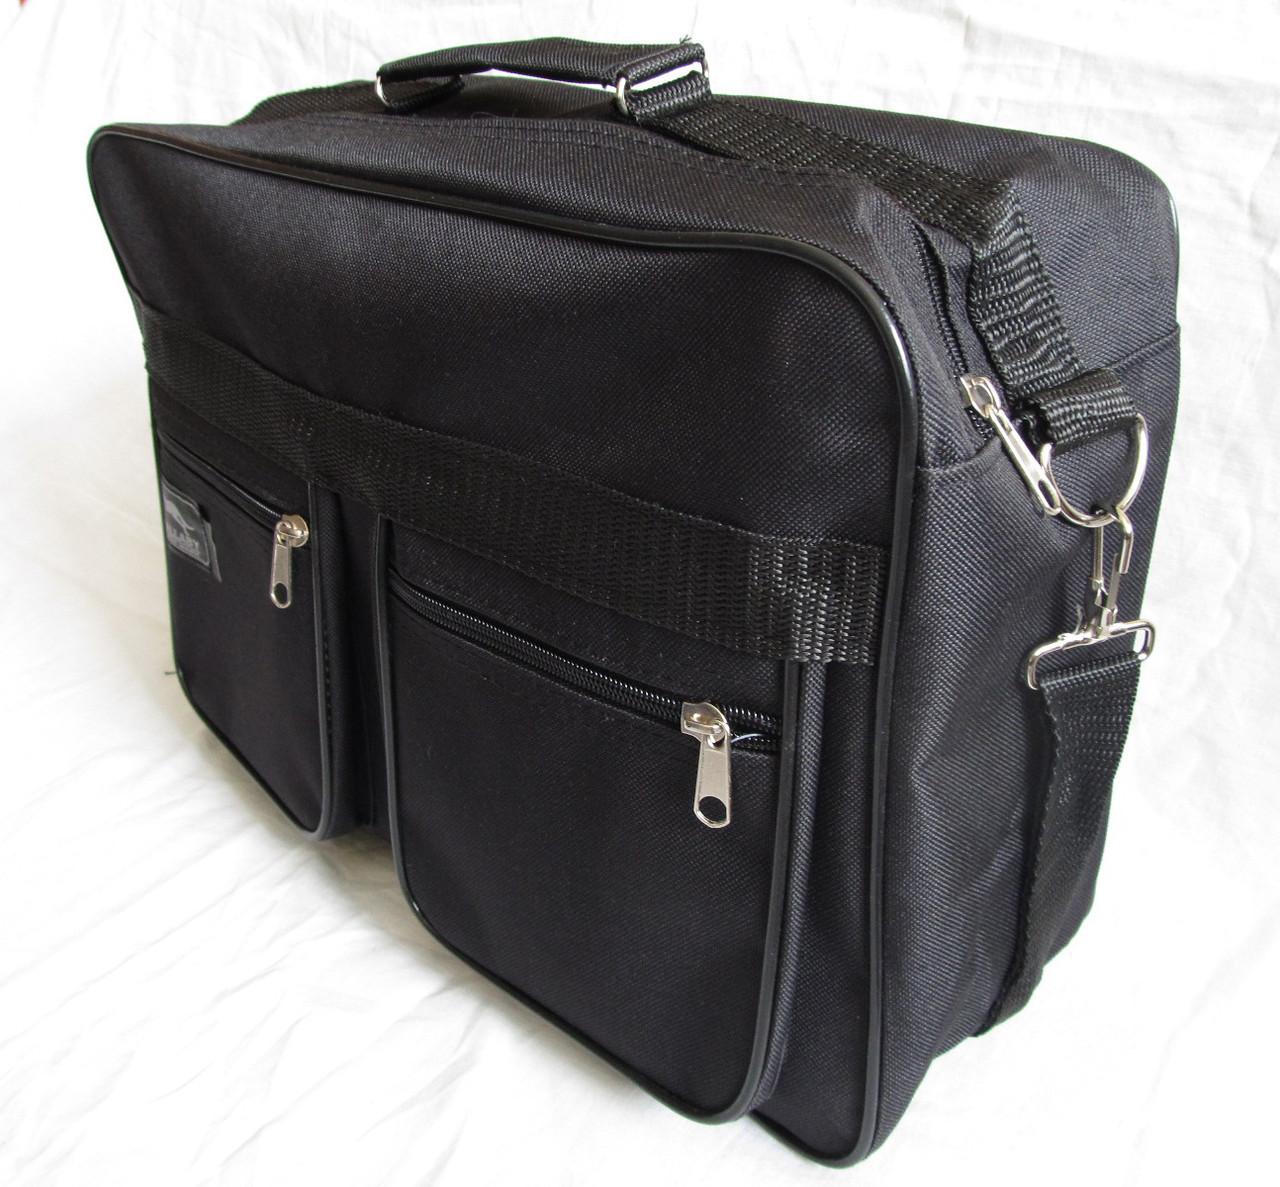 Мужская сумка барсетка через плечо папка портфель большого размера А4+ в2631 черная  38х26х13см